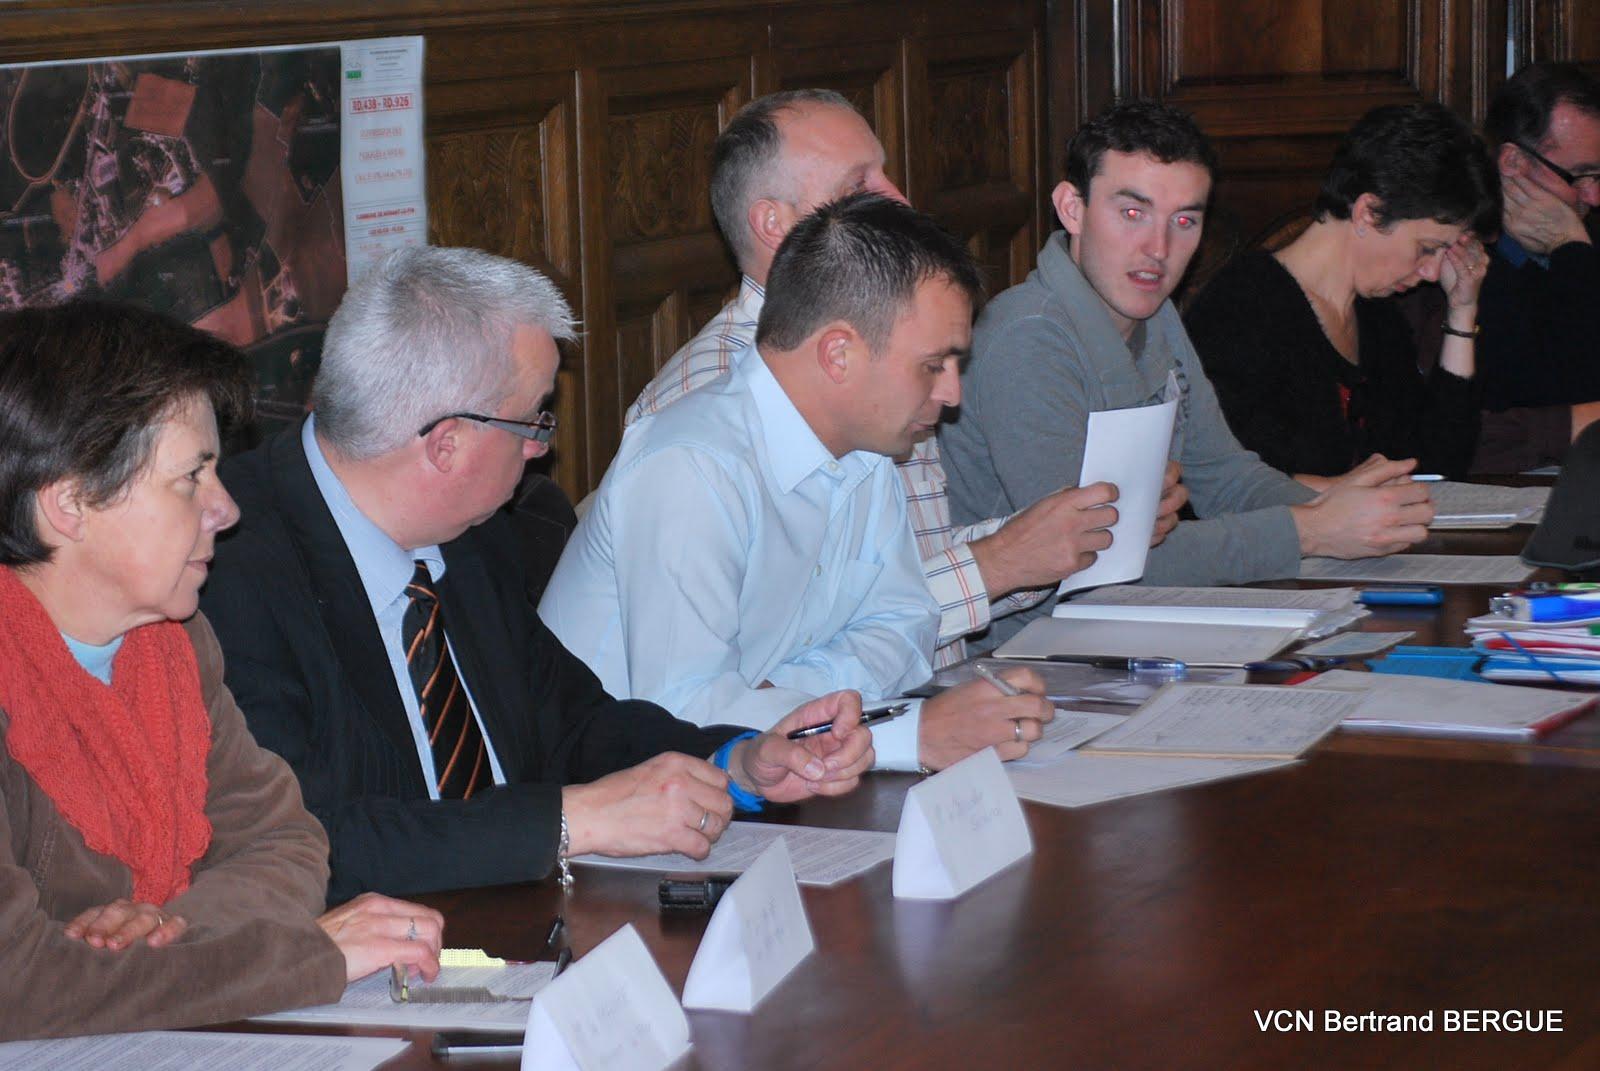 L'assemblé générale s'est dérouléé le Vendredi 09 Novembre 2012 à la mairie de Nonant-Le-Pin. Le président, Anthony Léveillé a présenté son rapport morale devant les élus, le président du comité...